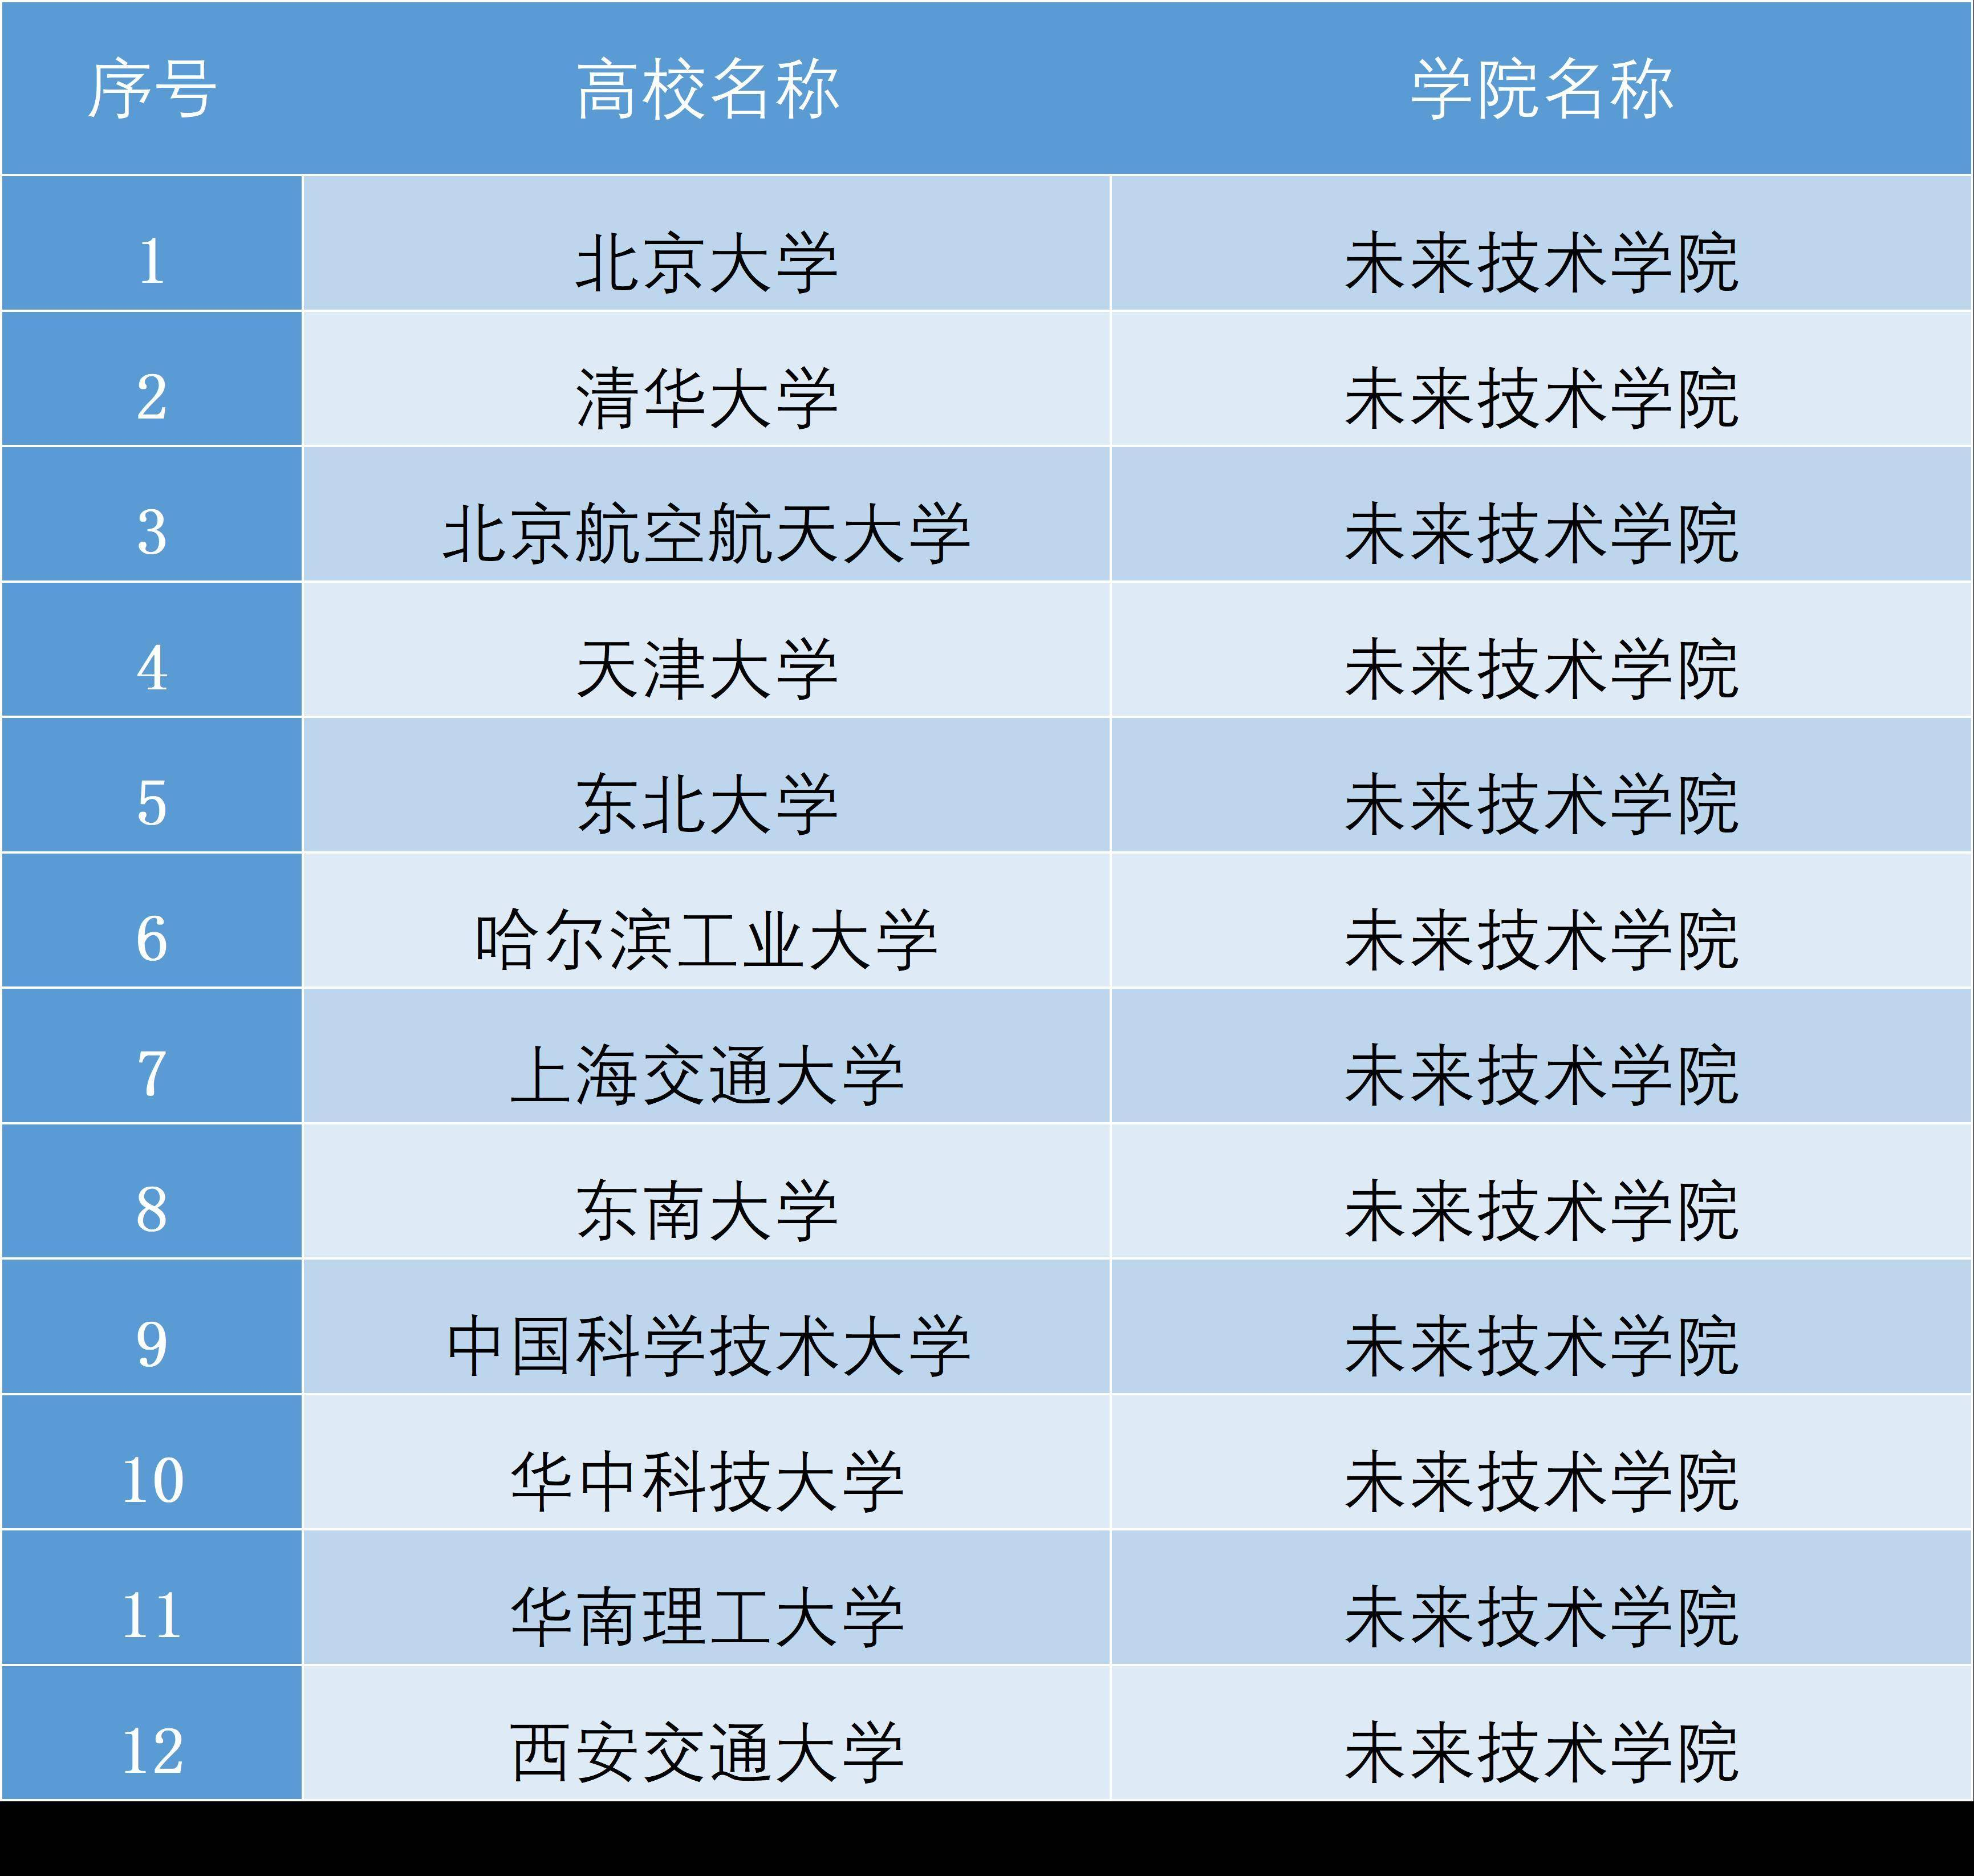 清华北大十二星座排名 十二星座最擅长的学科